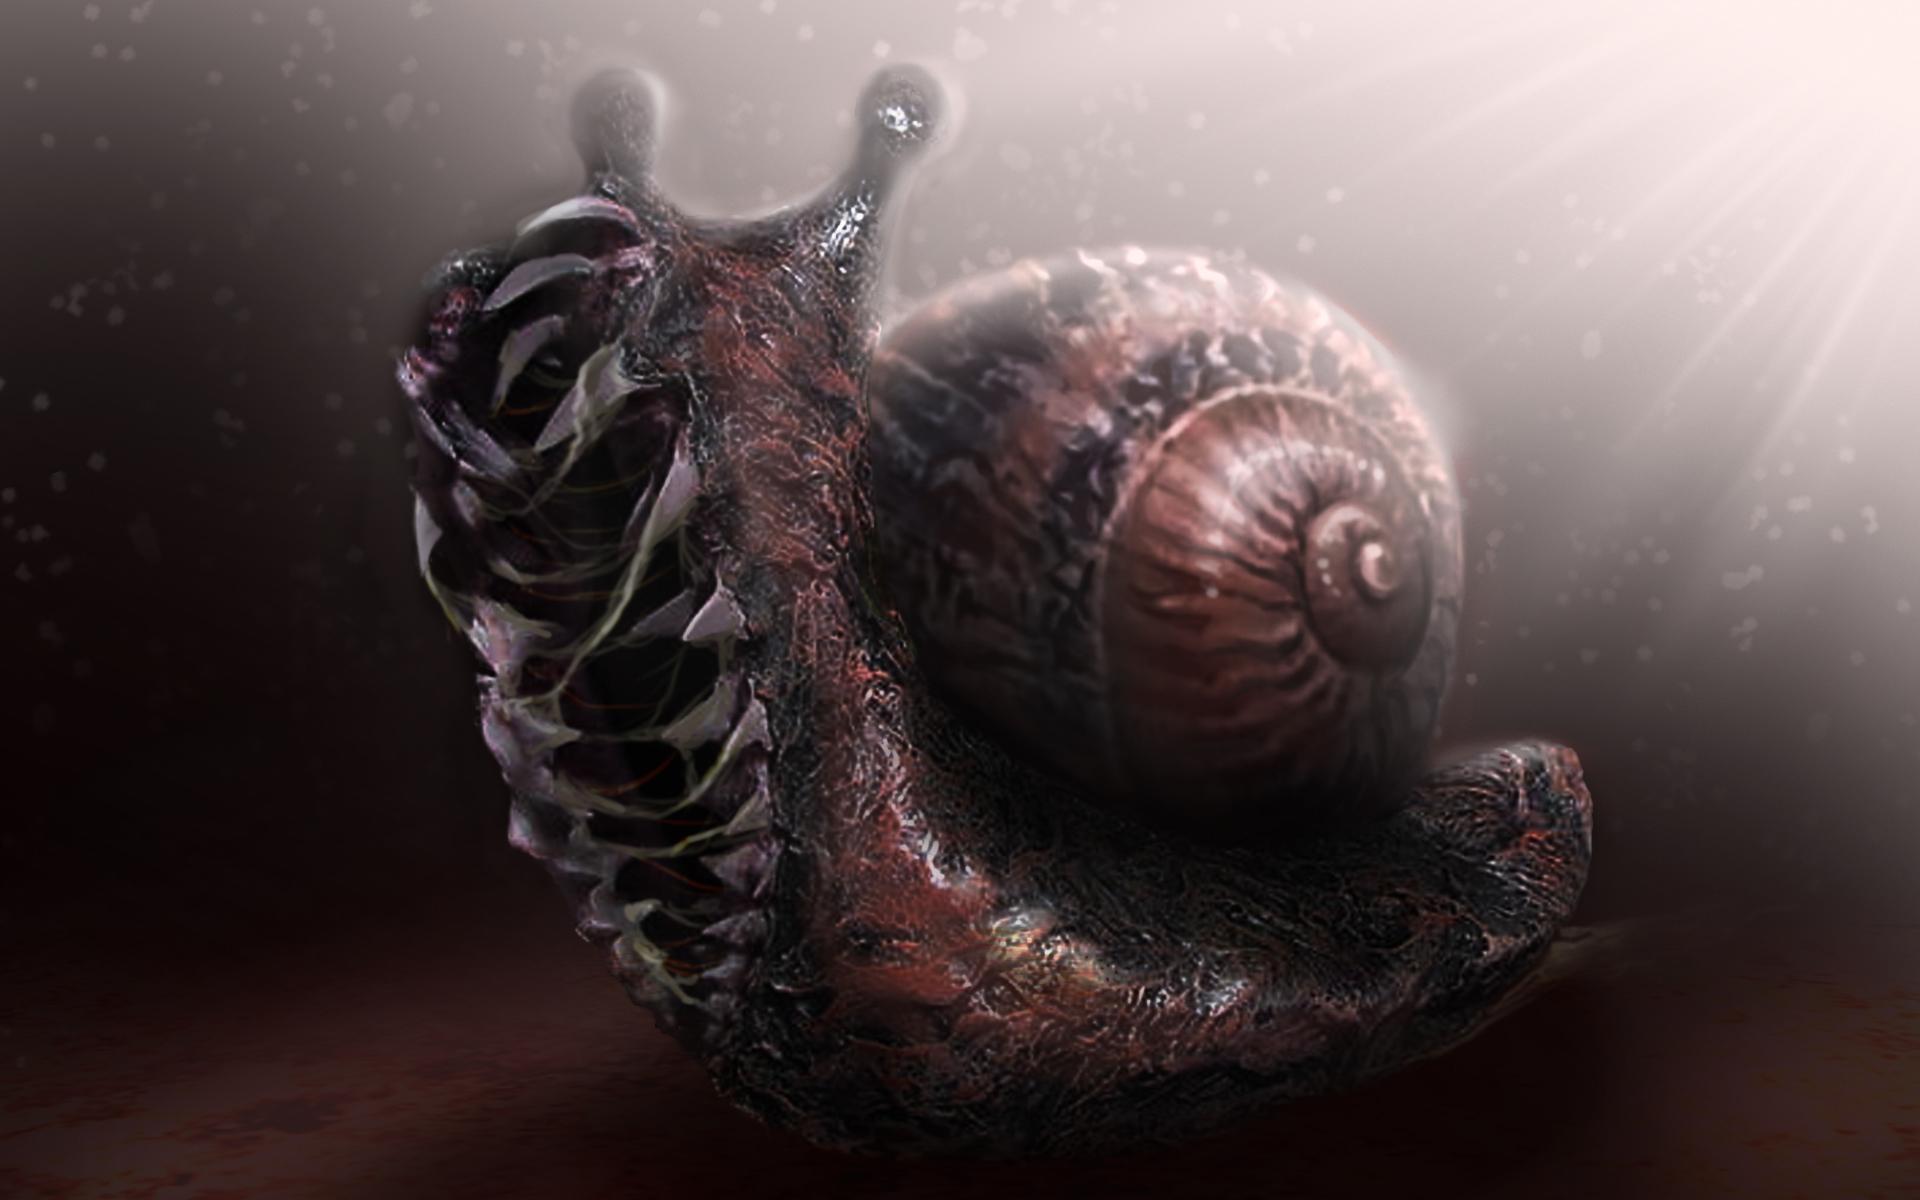 Clyde snail